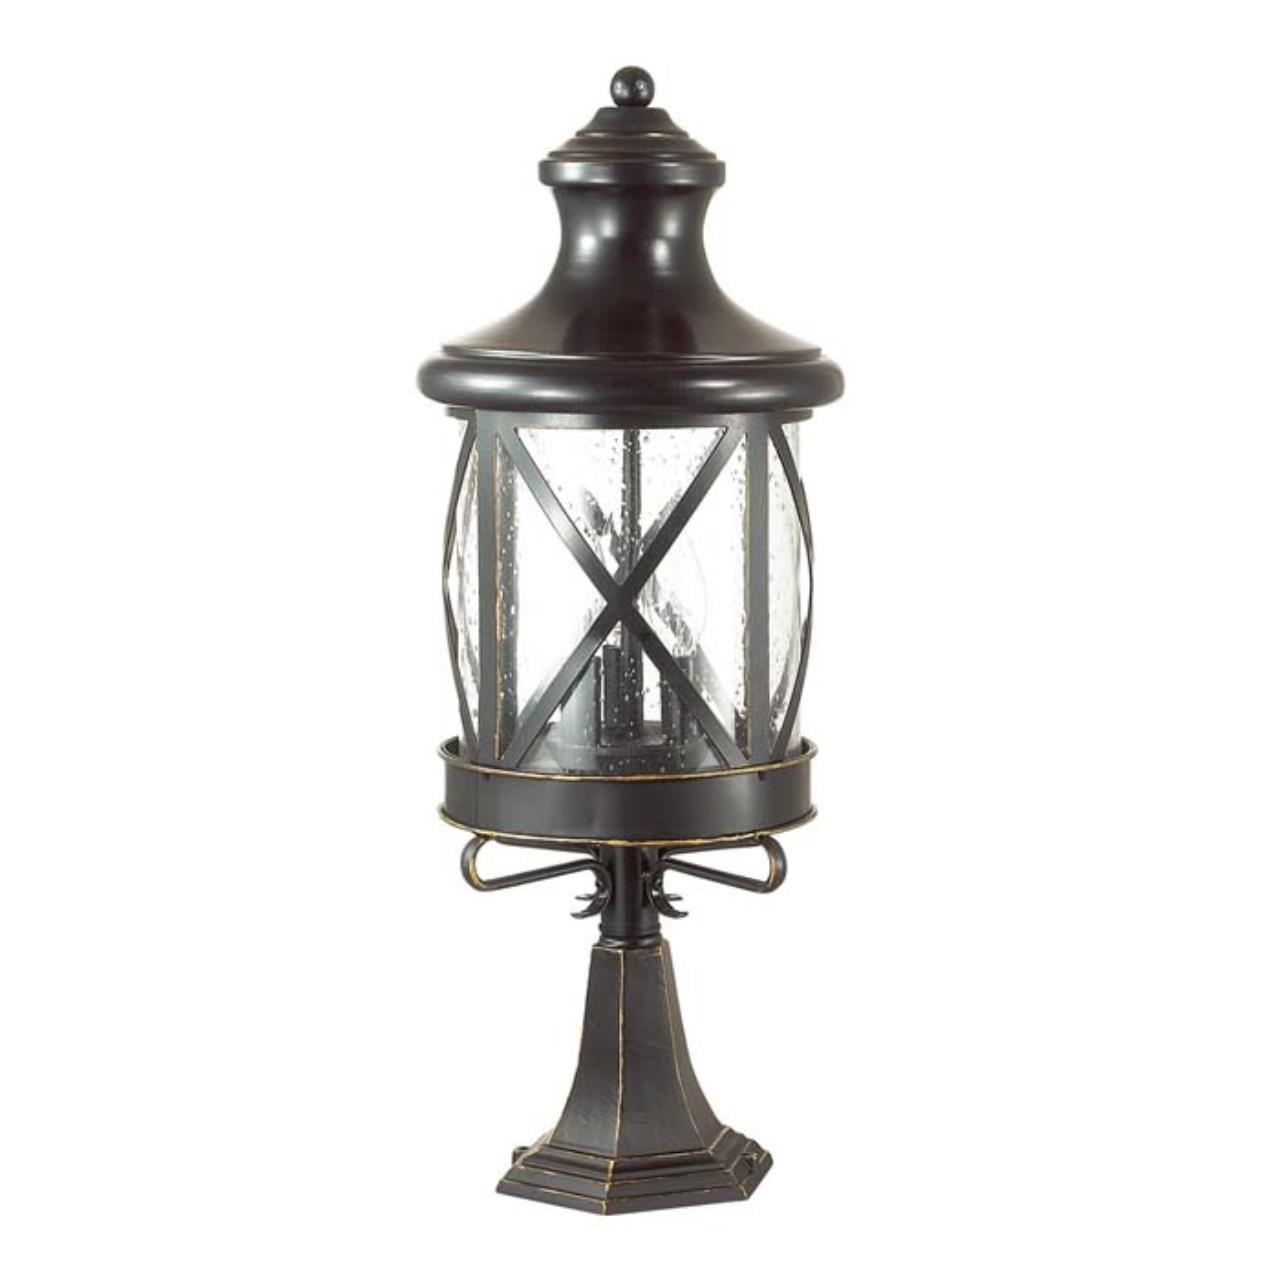 4045/3B NATURE ODL18 709 черный/золотая патина Уличный светильник на столб IP44 E14 3*60W 220V SATIO